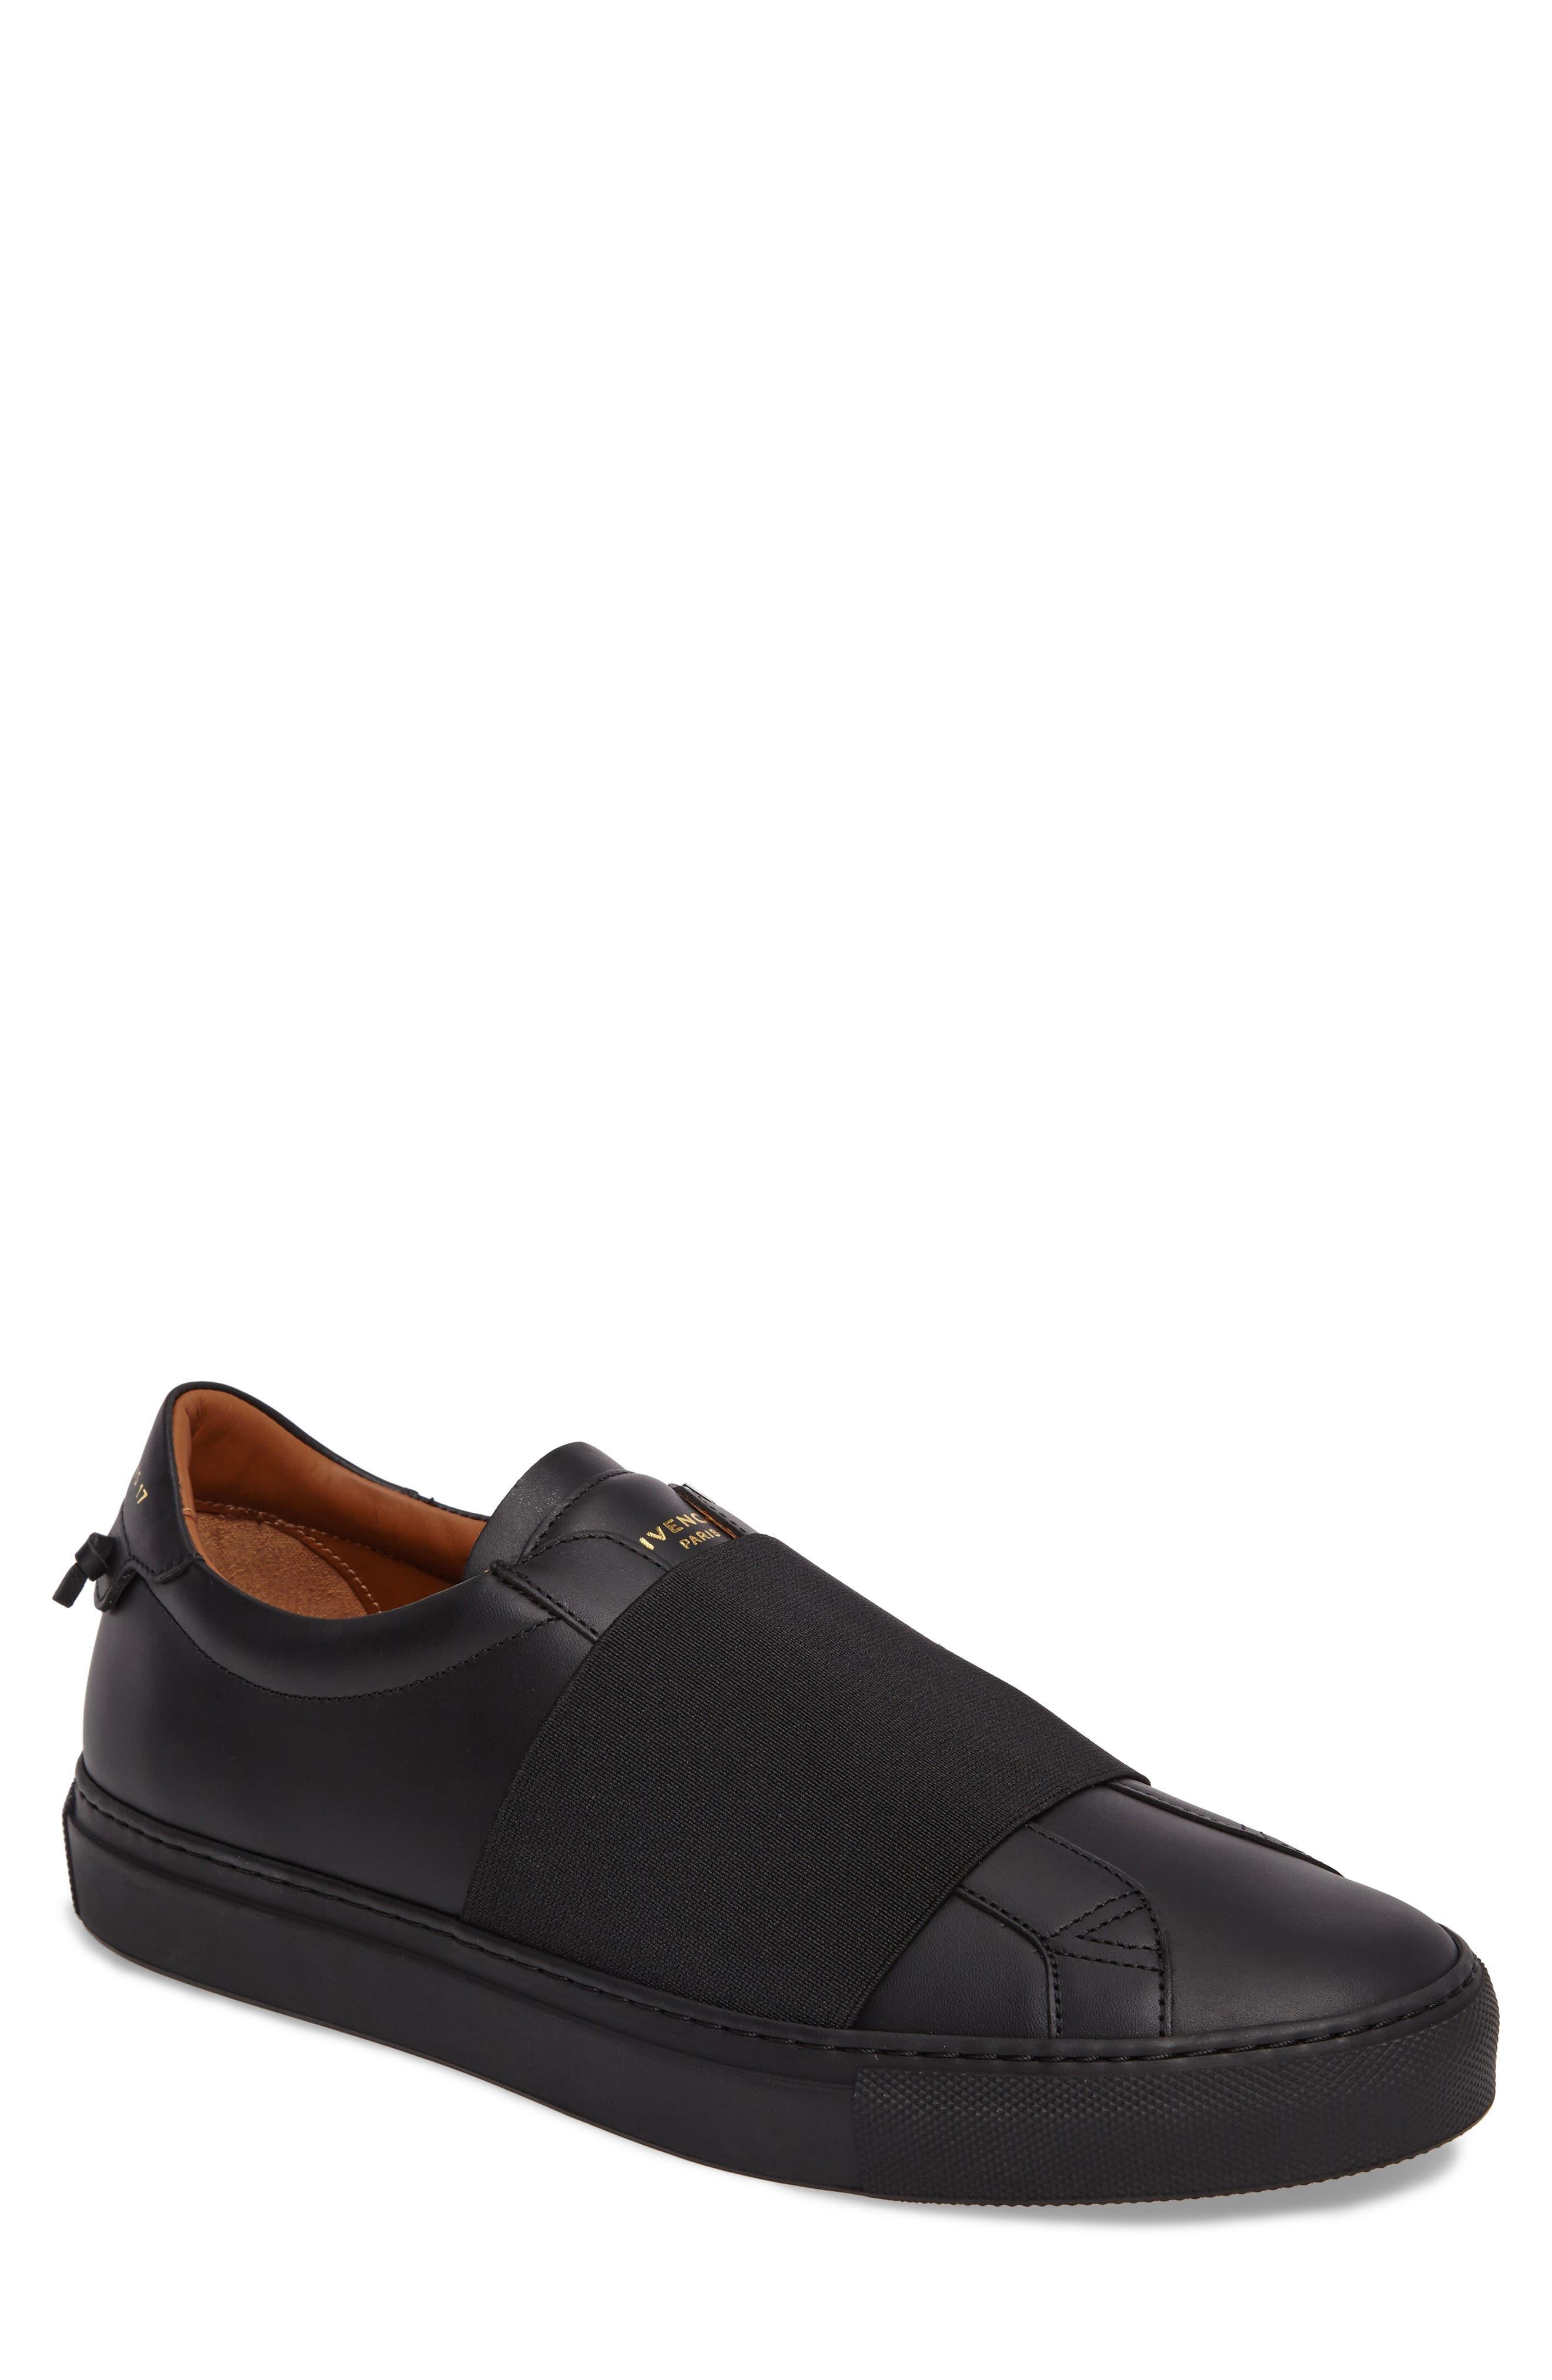 Alternate Image 1 Selected - Givenchy Slip-On Sneaker (Men)